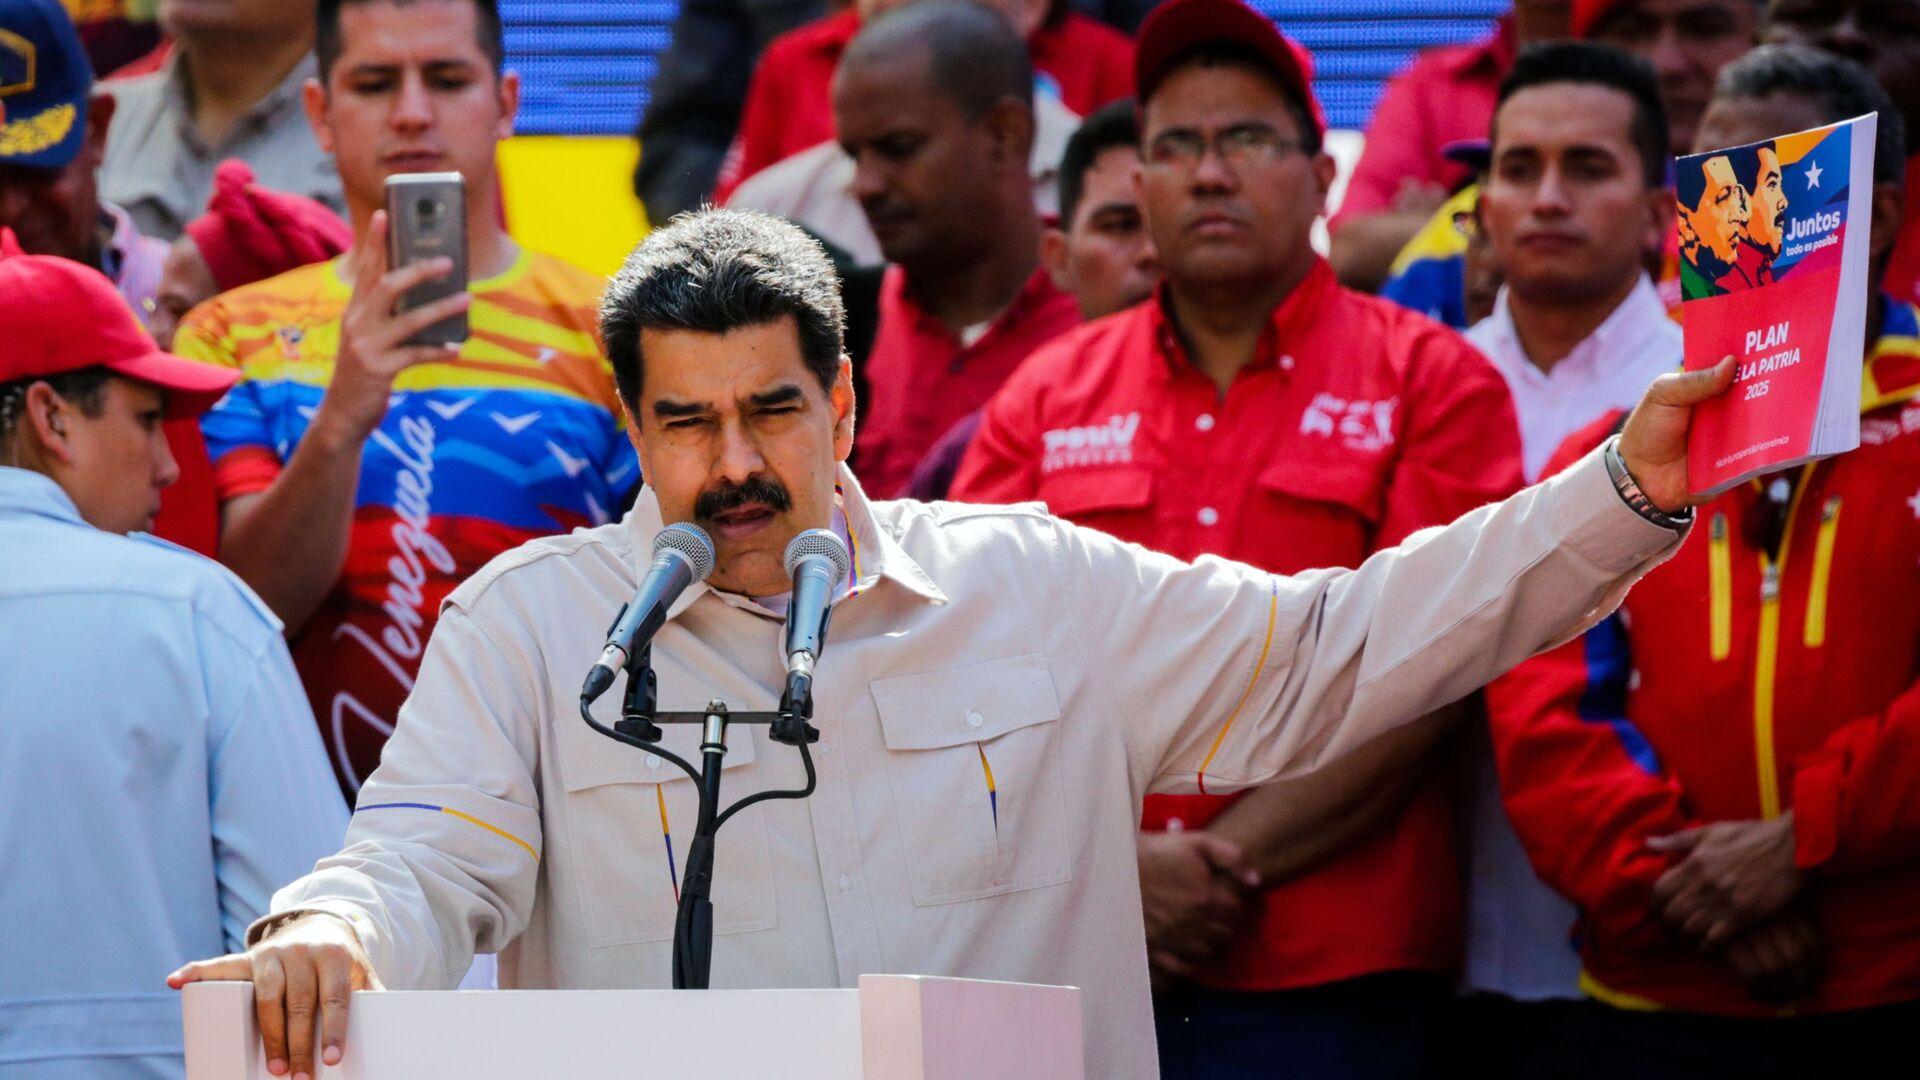 L'intervento del presidente venezuelano Nicolas Maduro a Caracas.  - Sputnik Italia, 1920, 06.09.2021